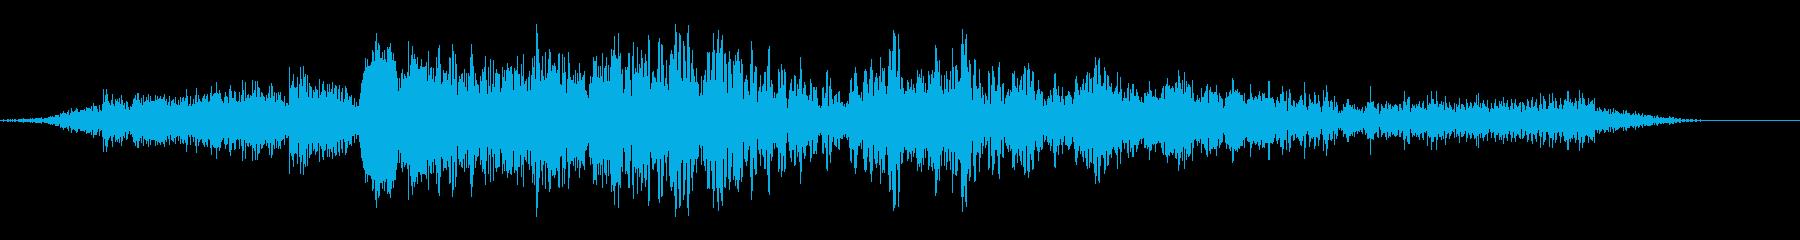 ロボット運動の金属摩擦の再生済みの波形